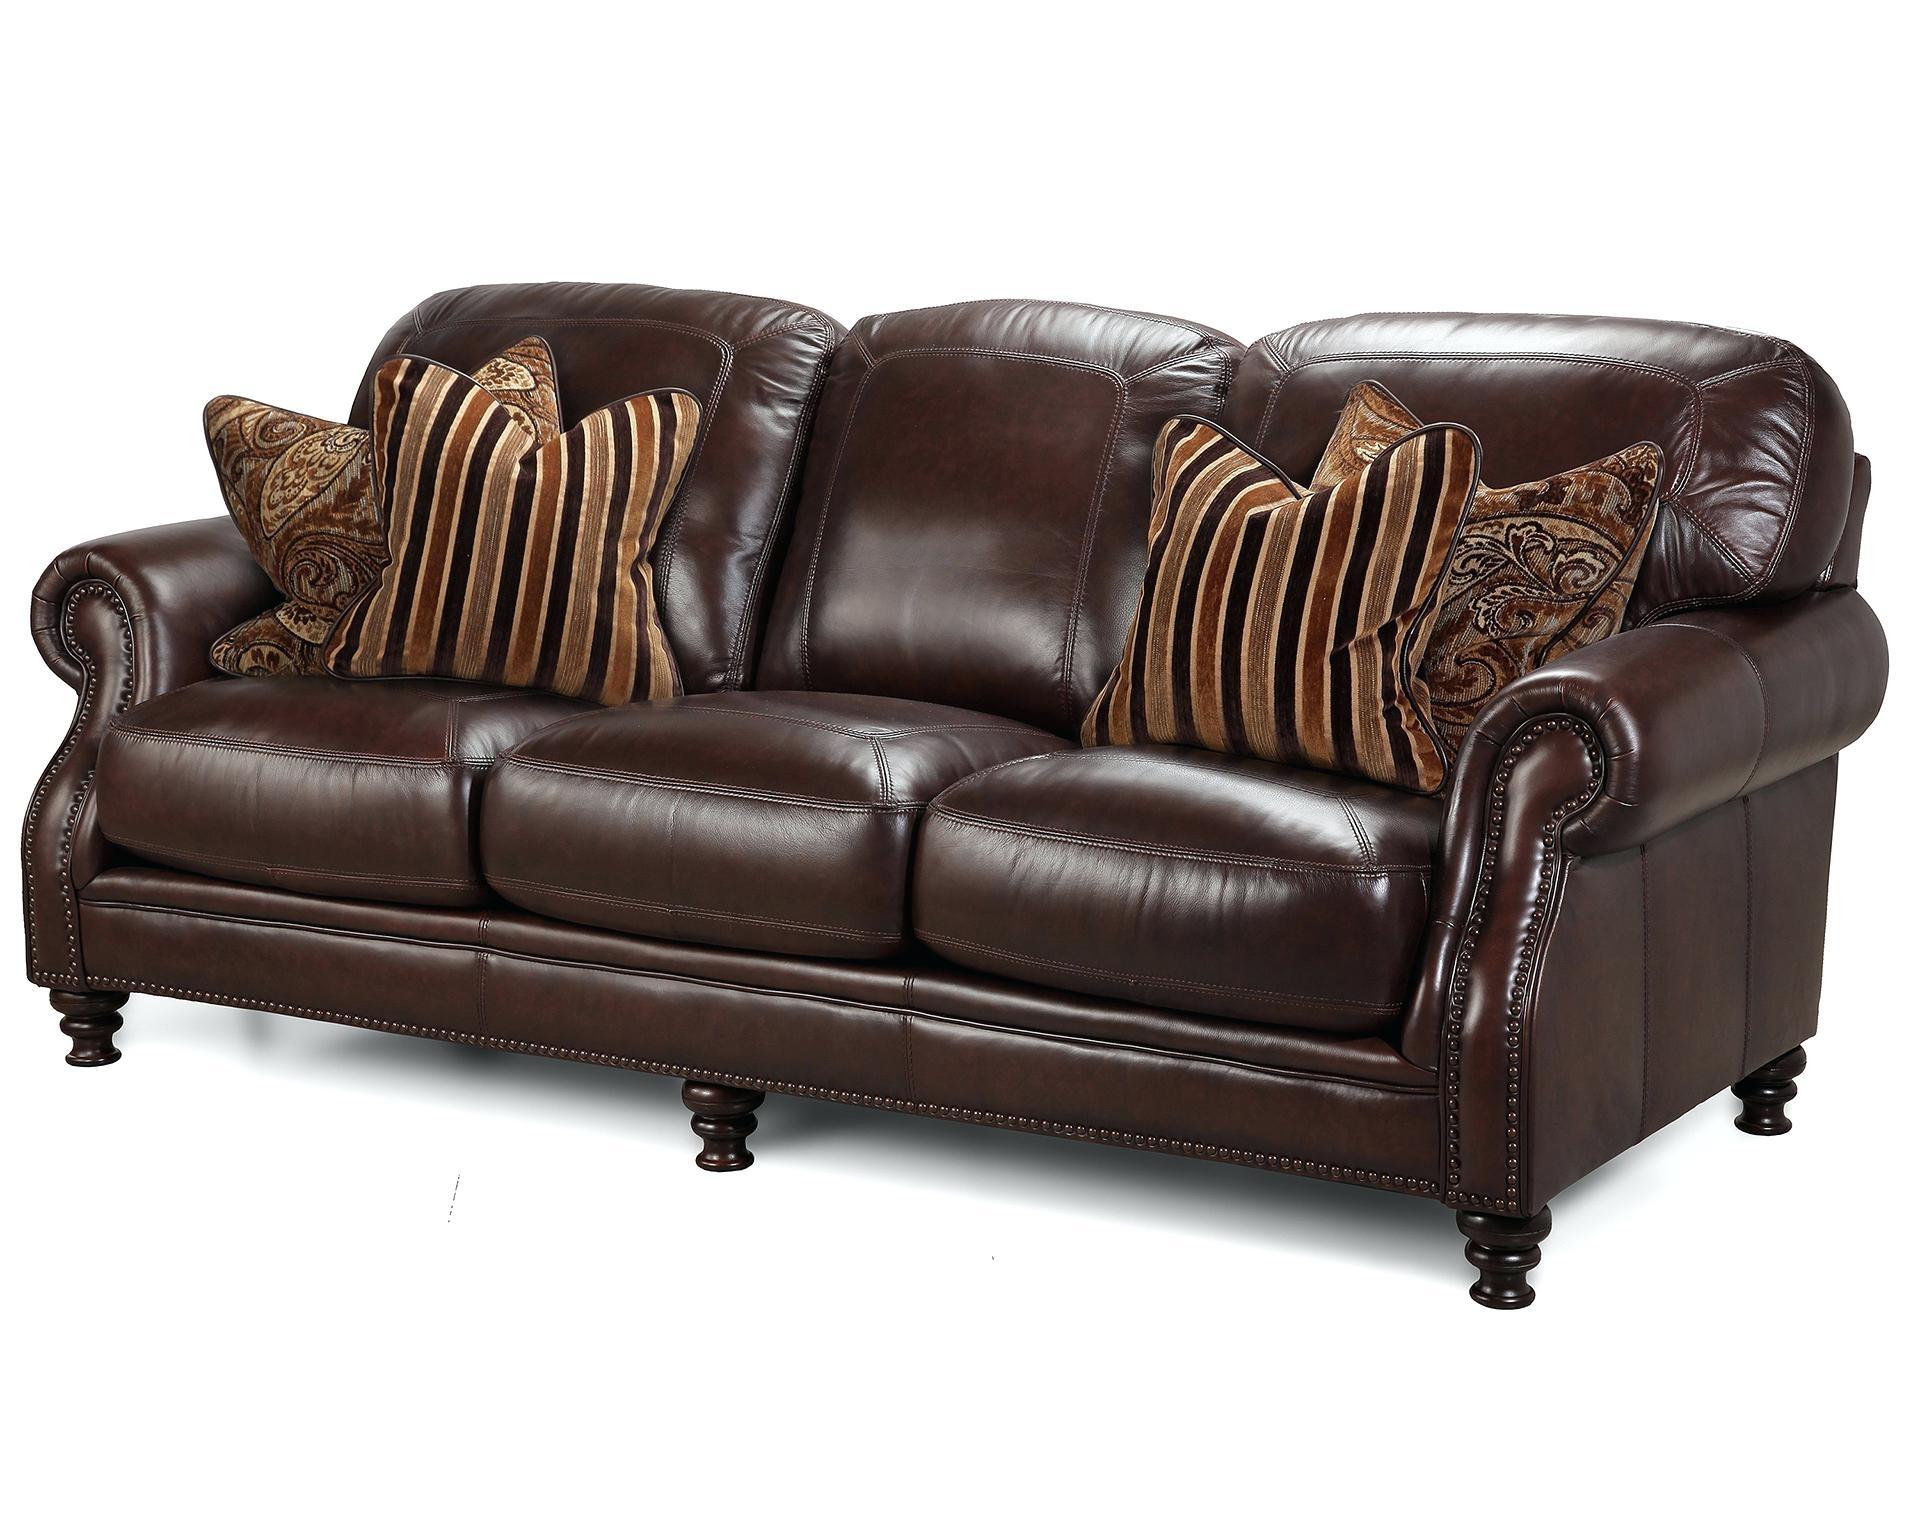 Fashionable Berkline Sofas With Regard To Berkline Home Theater Seating Costco Sofas Sofas Marvelous Leather (View 11 of 20)